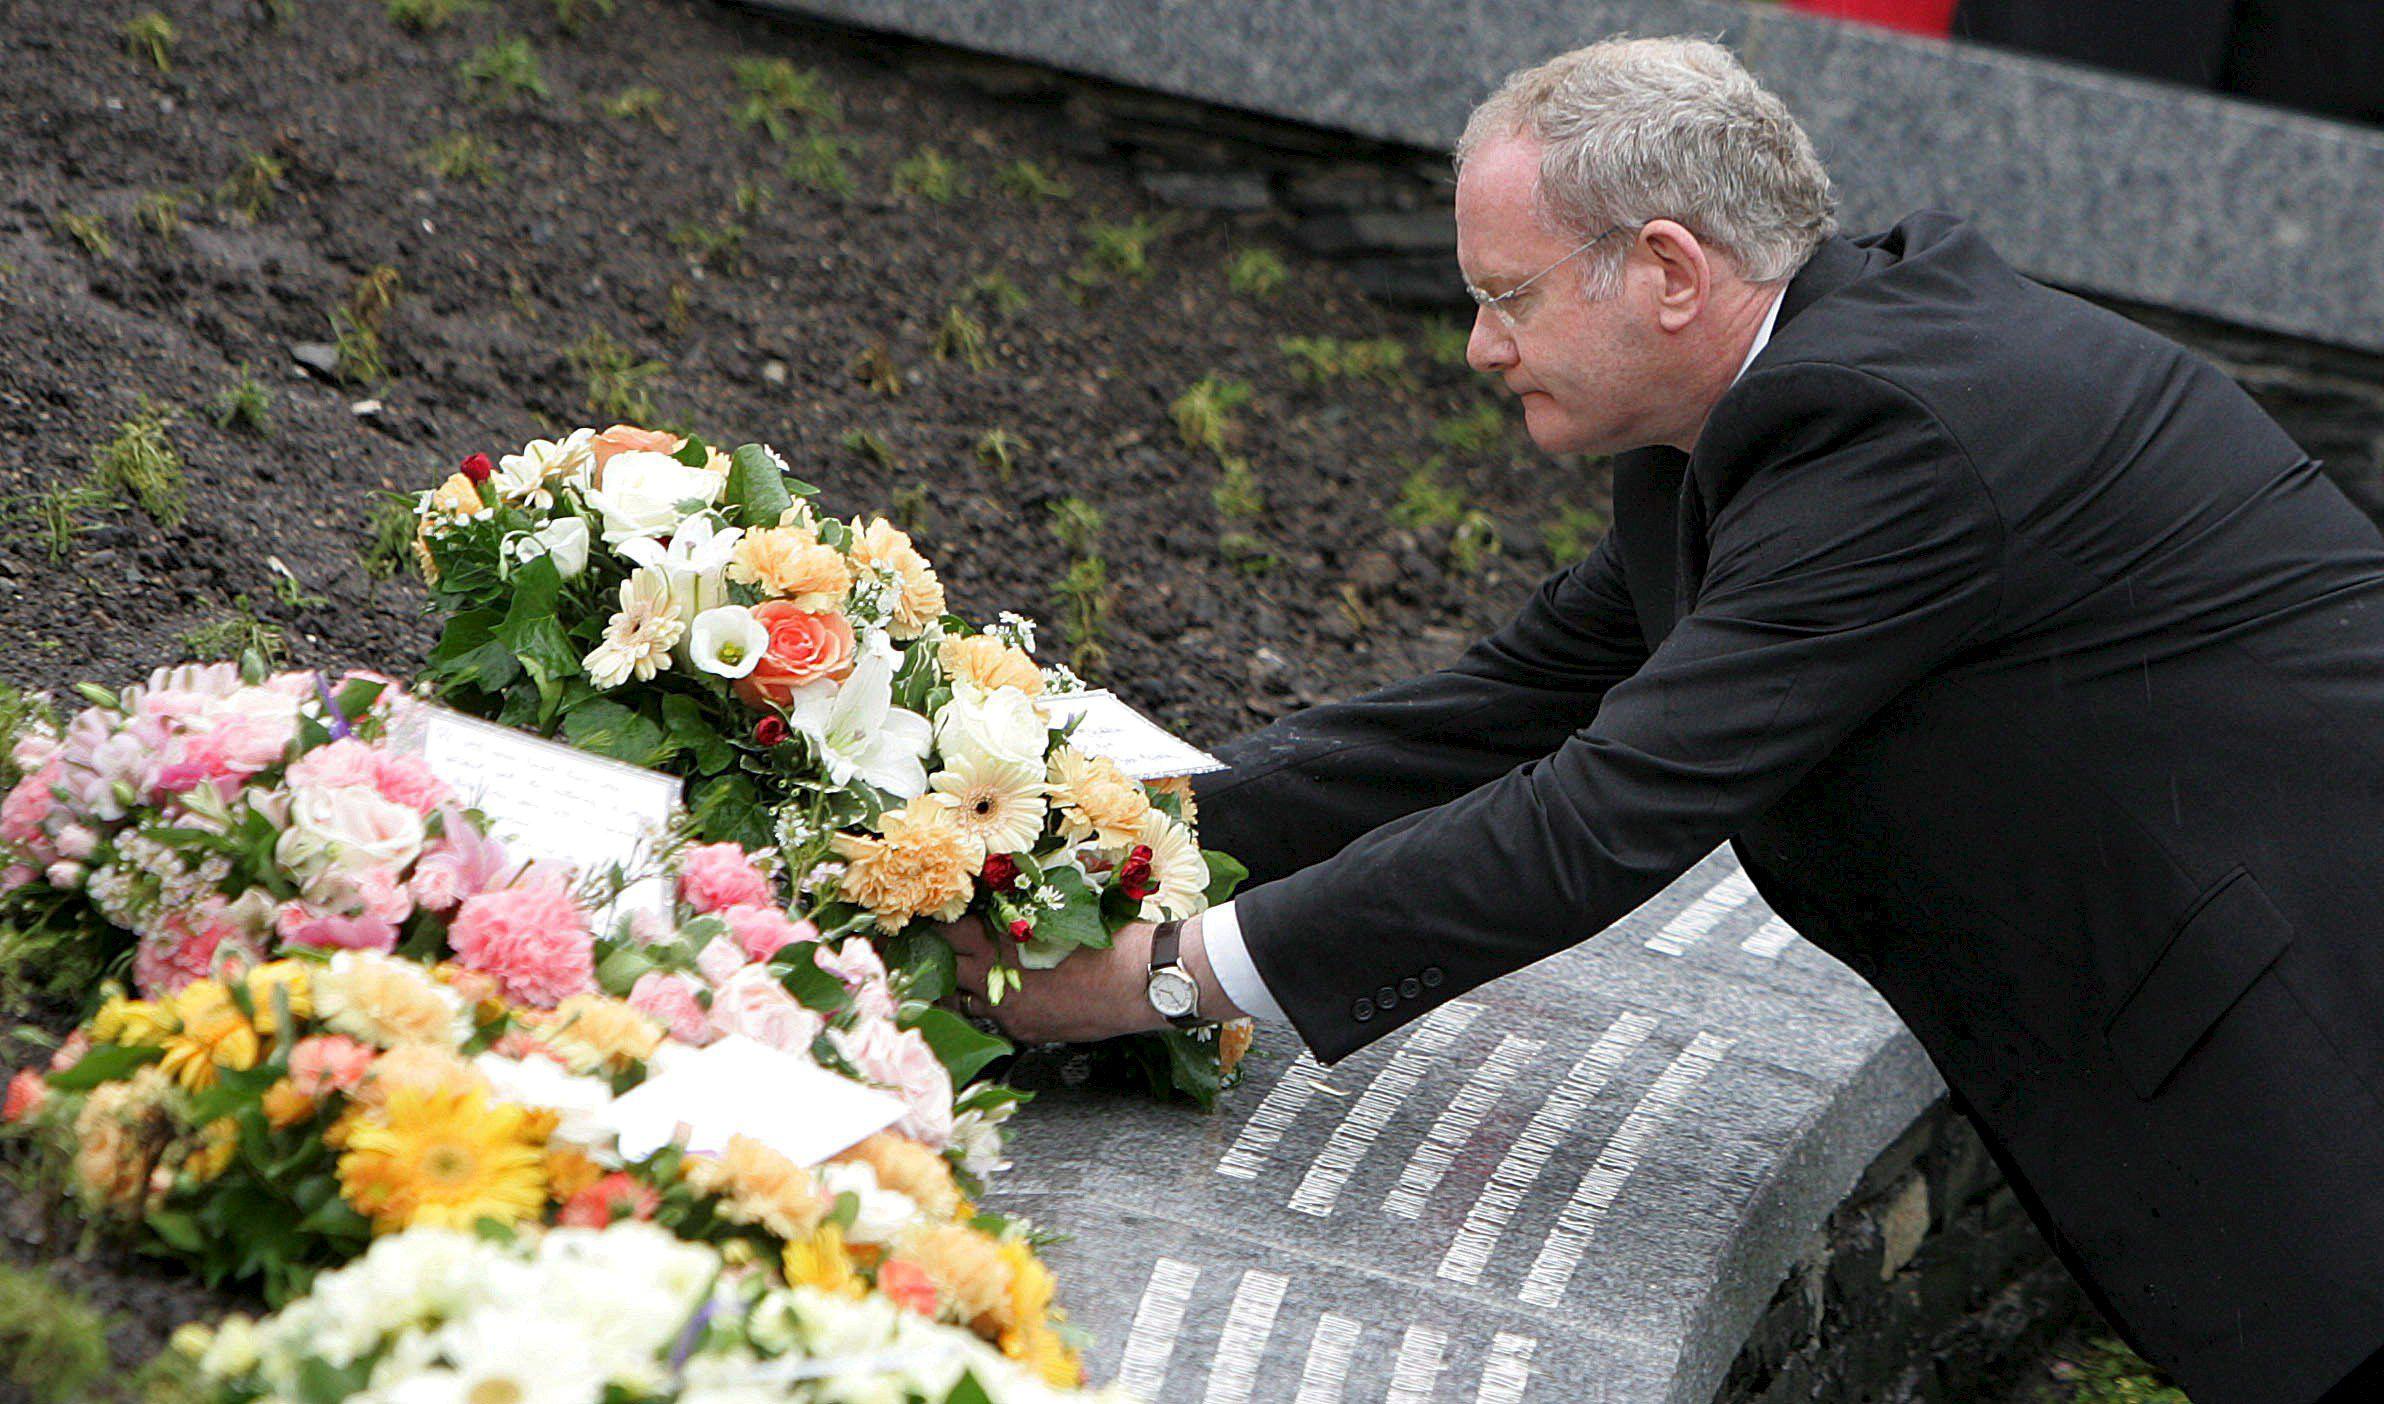 La Justicia ratifica la sentencia contra los responsables del atentado de Omagh